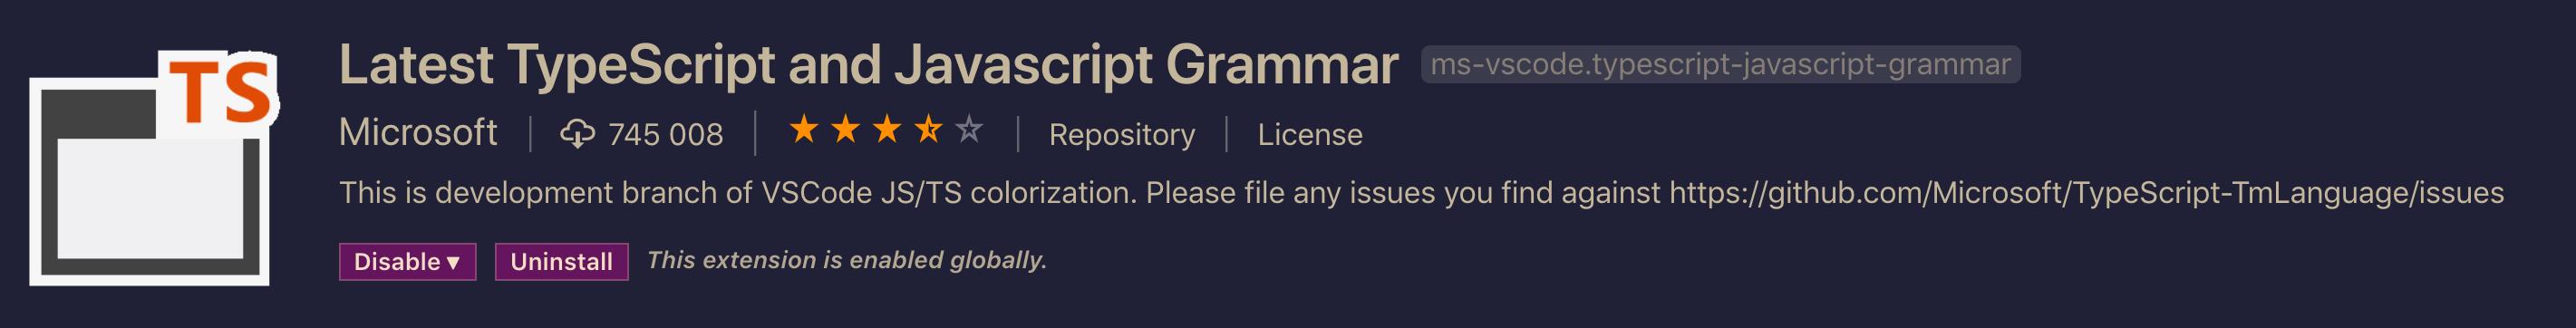 [Latest TypeScript / Javascript Grammar]